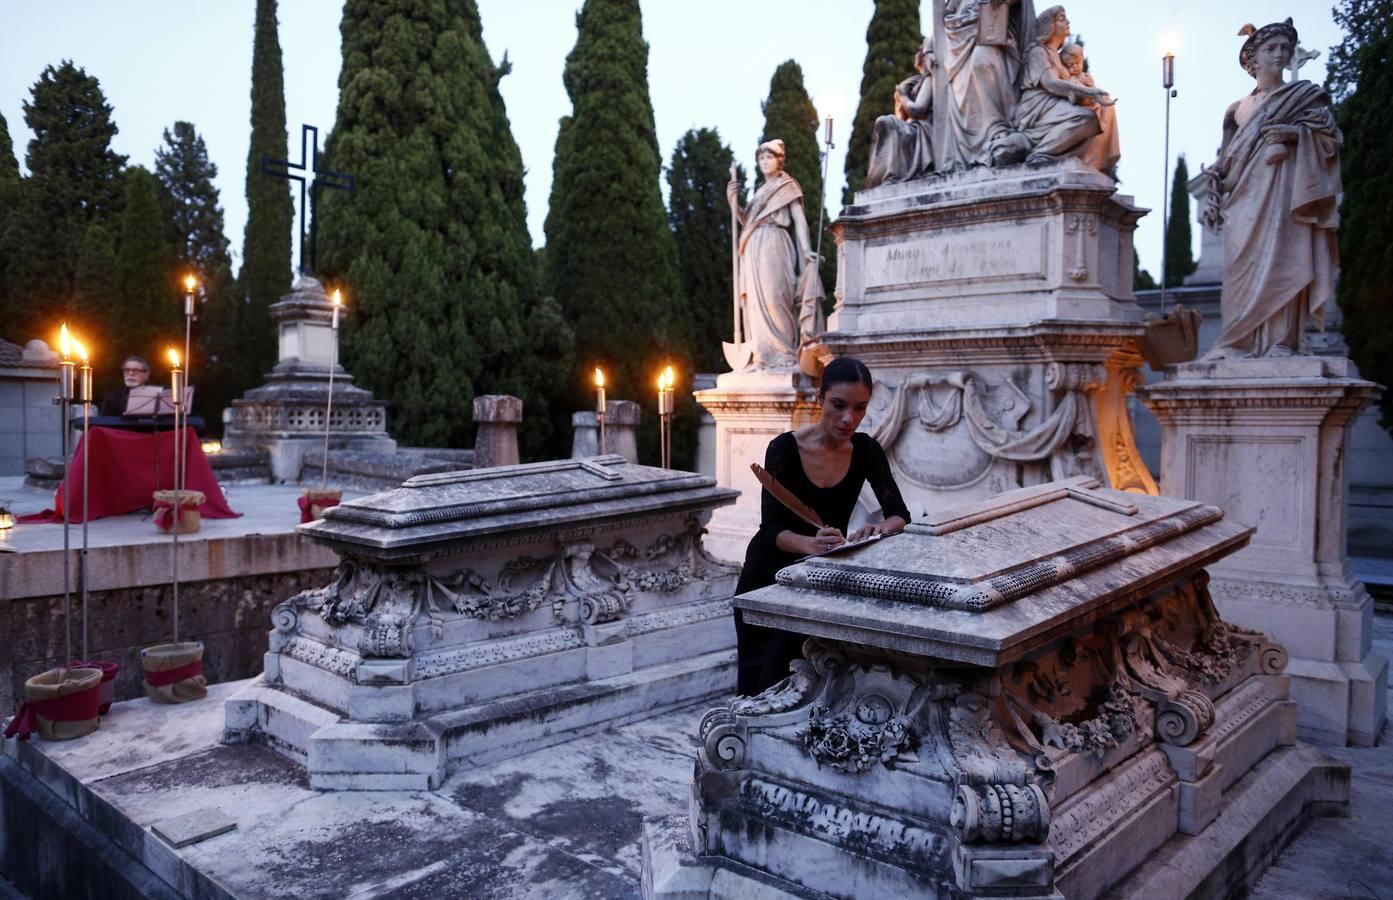 La misteriosa ruta con velas y tumbas por la Sacramental de San Isidro